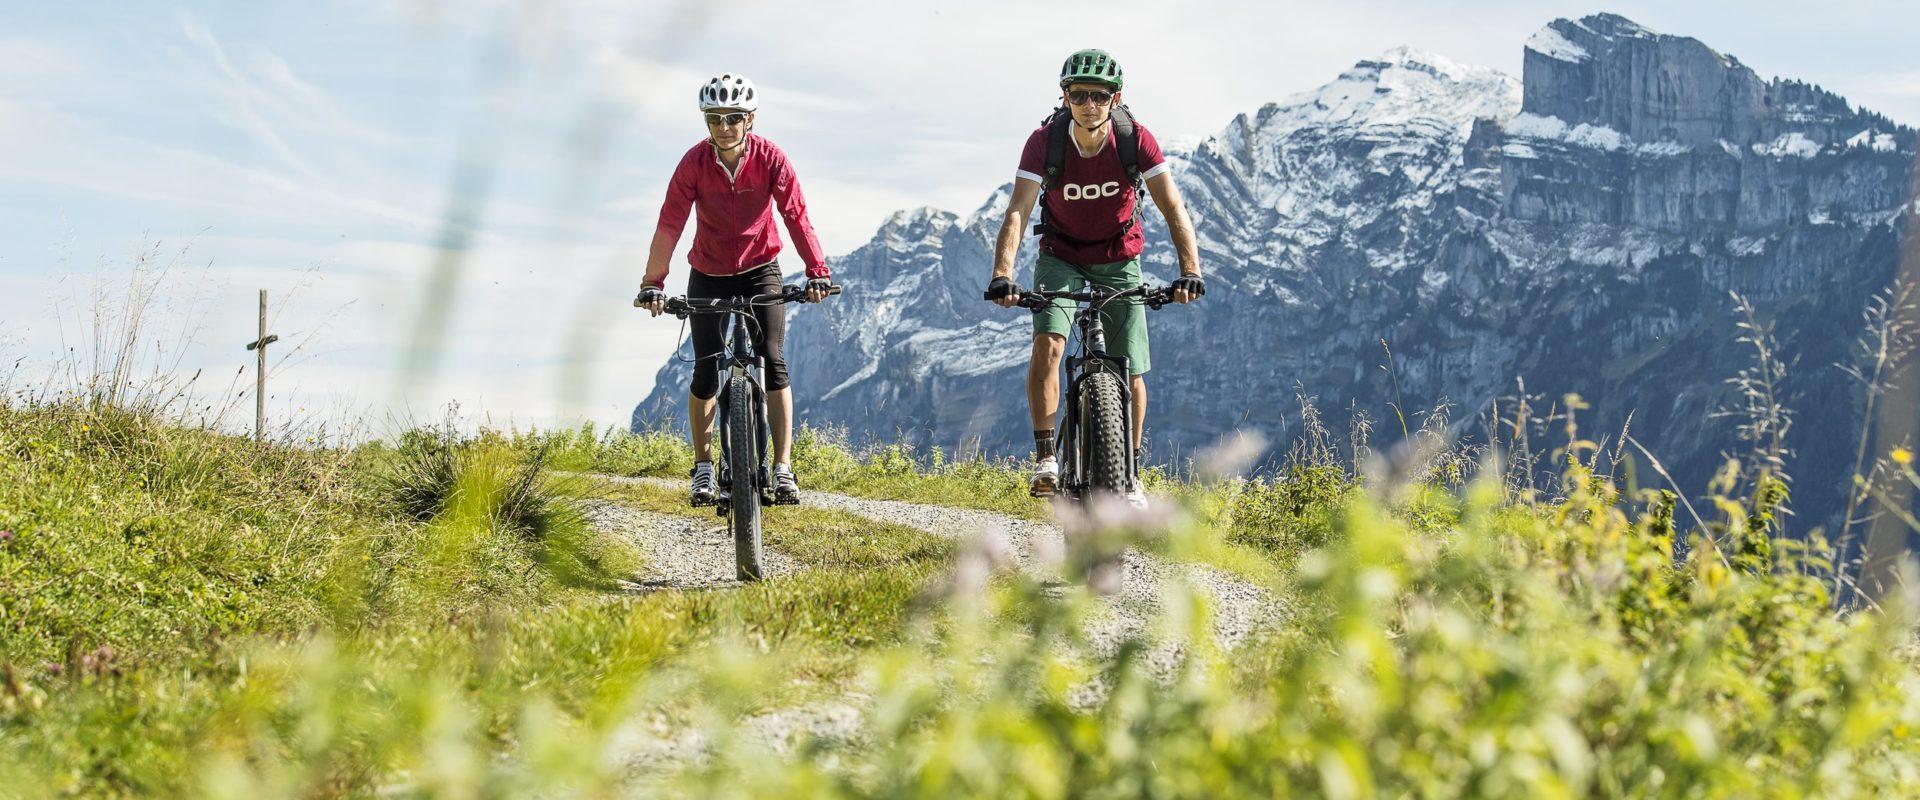 Mountainbike Mellau © Alex Kaiser undefined